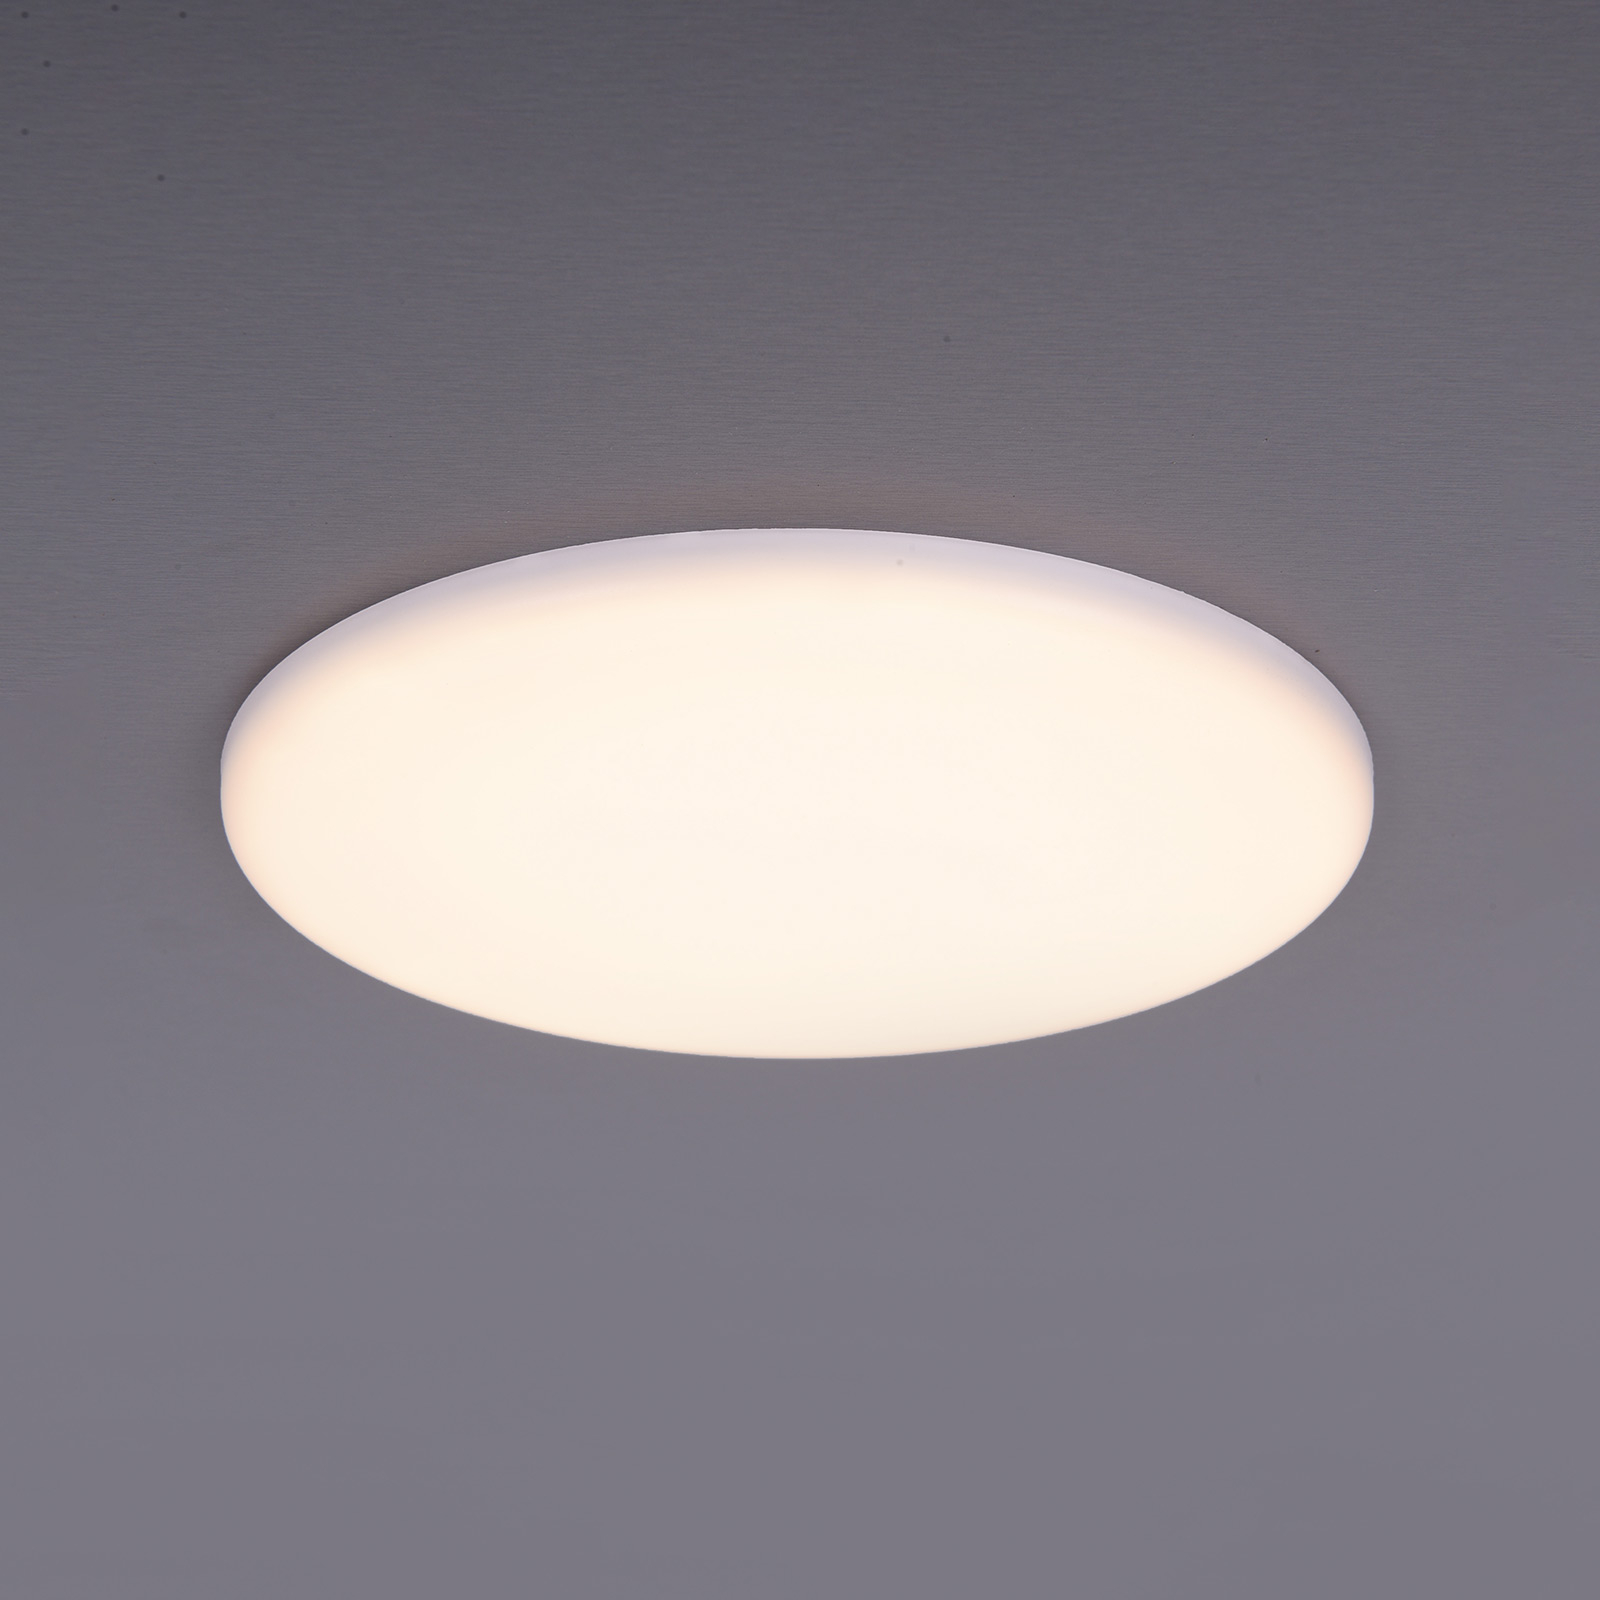 LED-uppovalaisin Sula, pyöreä, IP66, Ø 15,5 cm